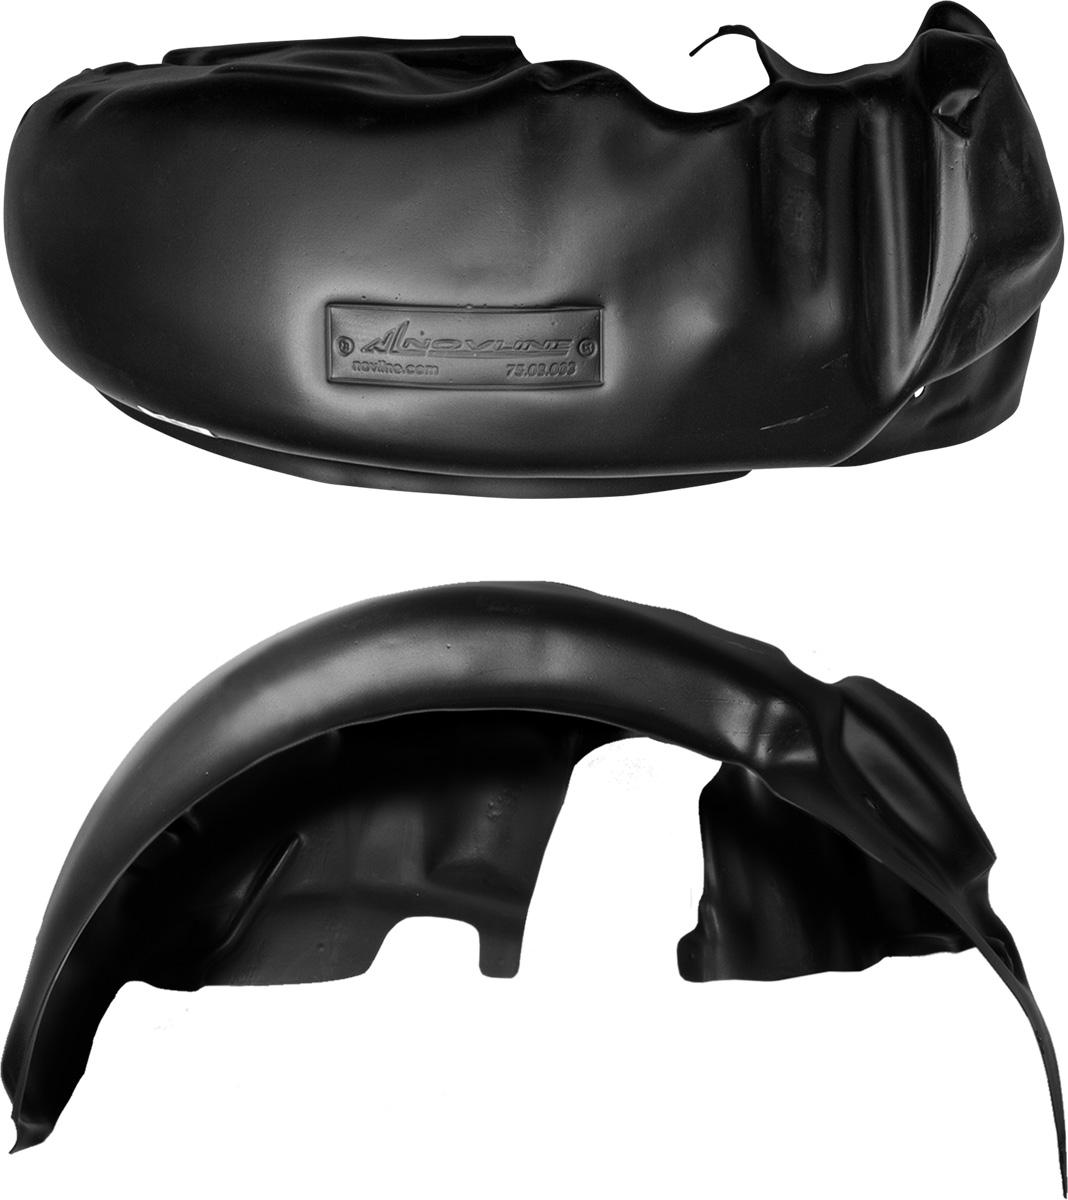 Подкрылок Novline-Autofamily, для Great Wall Hover H3, 2010->, передний правыйNLL.59.09.002Колесные ниши - одни из самых уязвимых зон днища вашего автомобиля. Они постоянно подвергаются воздействию со стороны дороги. Лучшая, почти абсолютная защита для них - специально отформованные пластиковые кожухи, которые называются подкрылками. Производятся они как для отечественных моделей автомобилей, так и для иномарок. Подкрылки Novline-Autofamily выполнены из высококачественного, экологически чистого пластика. Обеспечивают надежную защиту кузова автомобиля от пескоструйного эффекта и негативного влияния, агрессивных антигололедных реагентов. Пластик обладает более низкой теплопроводностью, чем металл, поэтому в зимний период эксплуатации использование пластиковых подкрылков позволяет лучше защитить колесные ниши от налипания снега и образования наледи. Оригинальность конструкции подчеркивает элегантность автомобиля, бережно защищает нанесенное на днище кузова антикоррозийное покрытие и позволяет осуществить крепление подкрылков внутри колесной арки практически без...